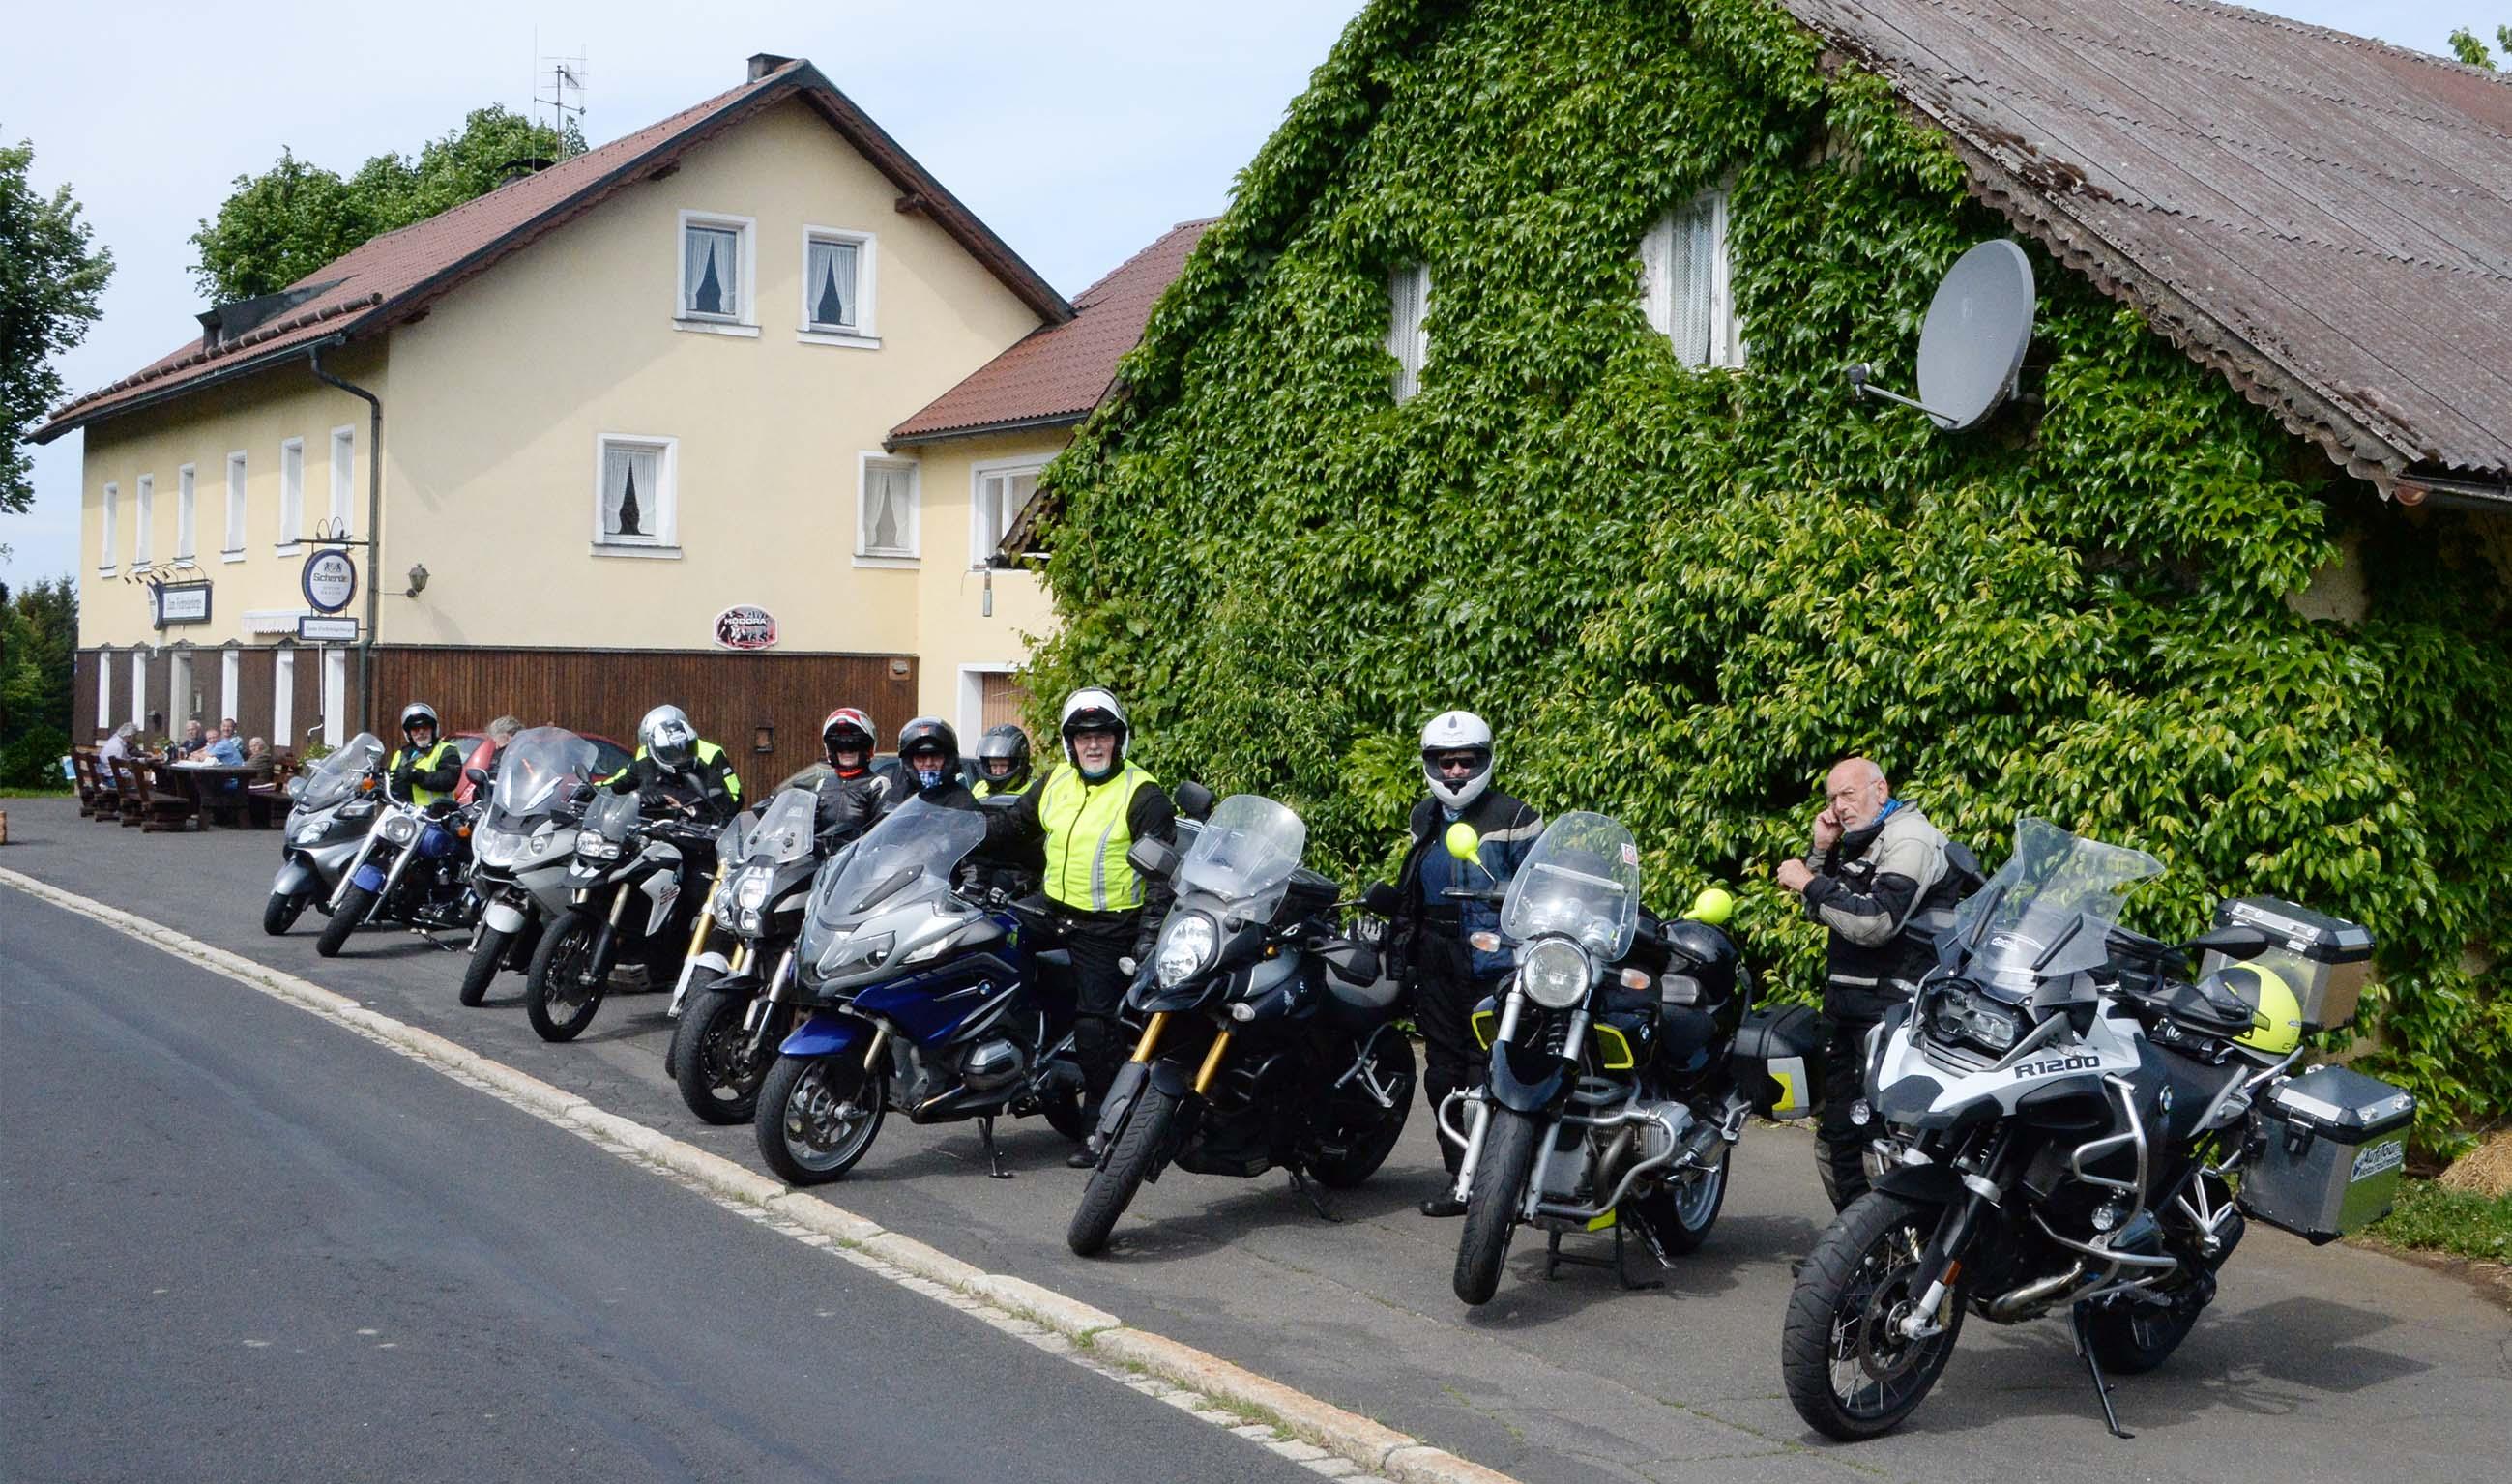 """Auf Tour... Motorradreisen """"unterwegs mit Achim"""" Fichtelgebirge mit Saaletal und Bleilochtalsperre 2018. NUR ZUR PRIVATEN VERWENDUNG"""